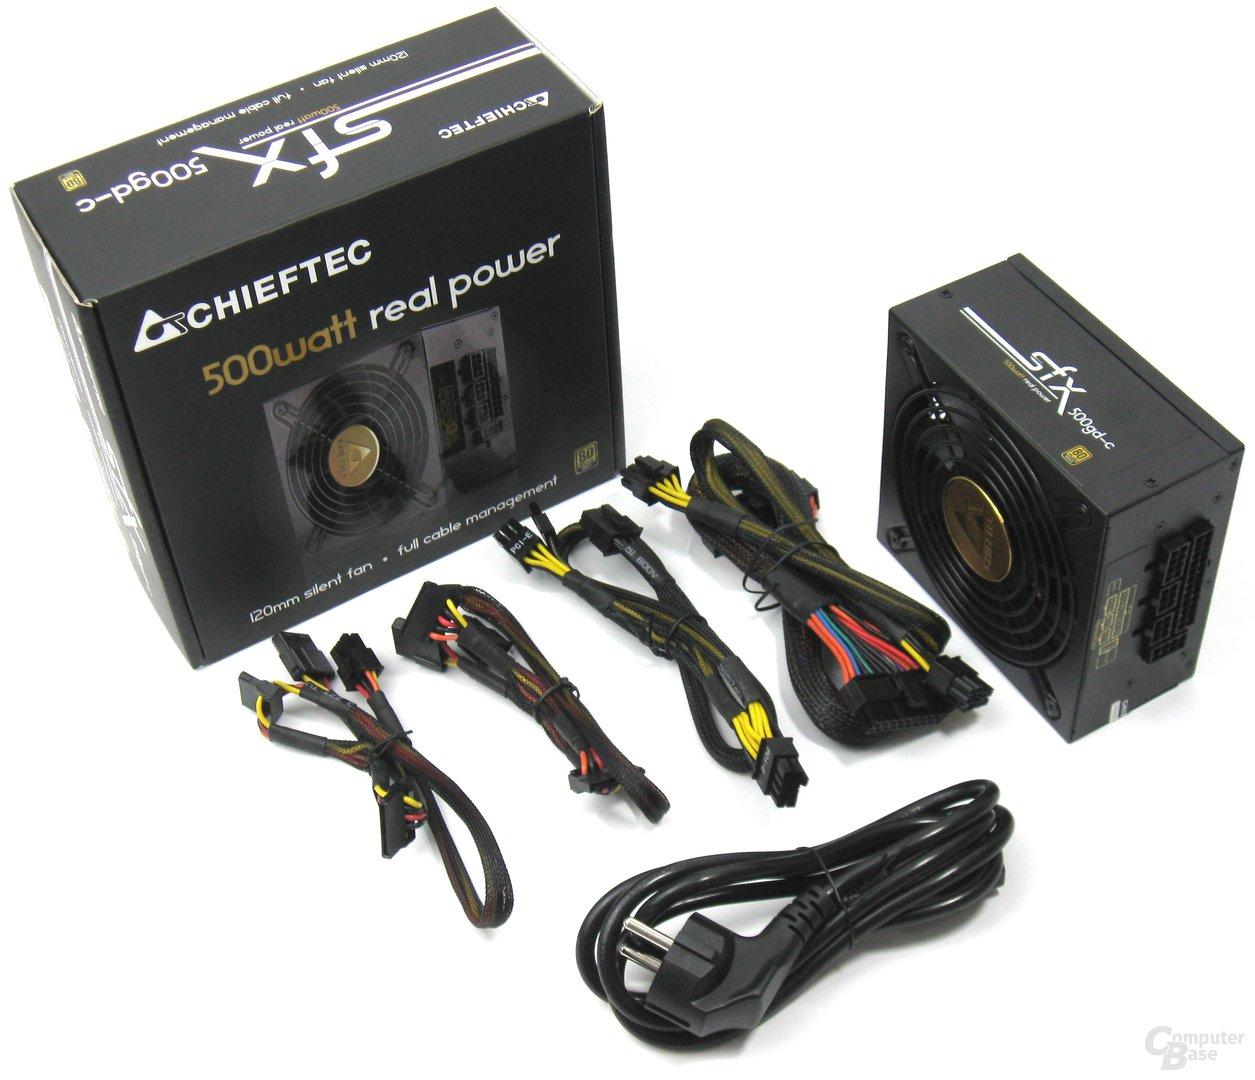 Chieftec SFX-500GD-C